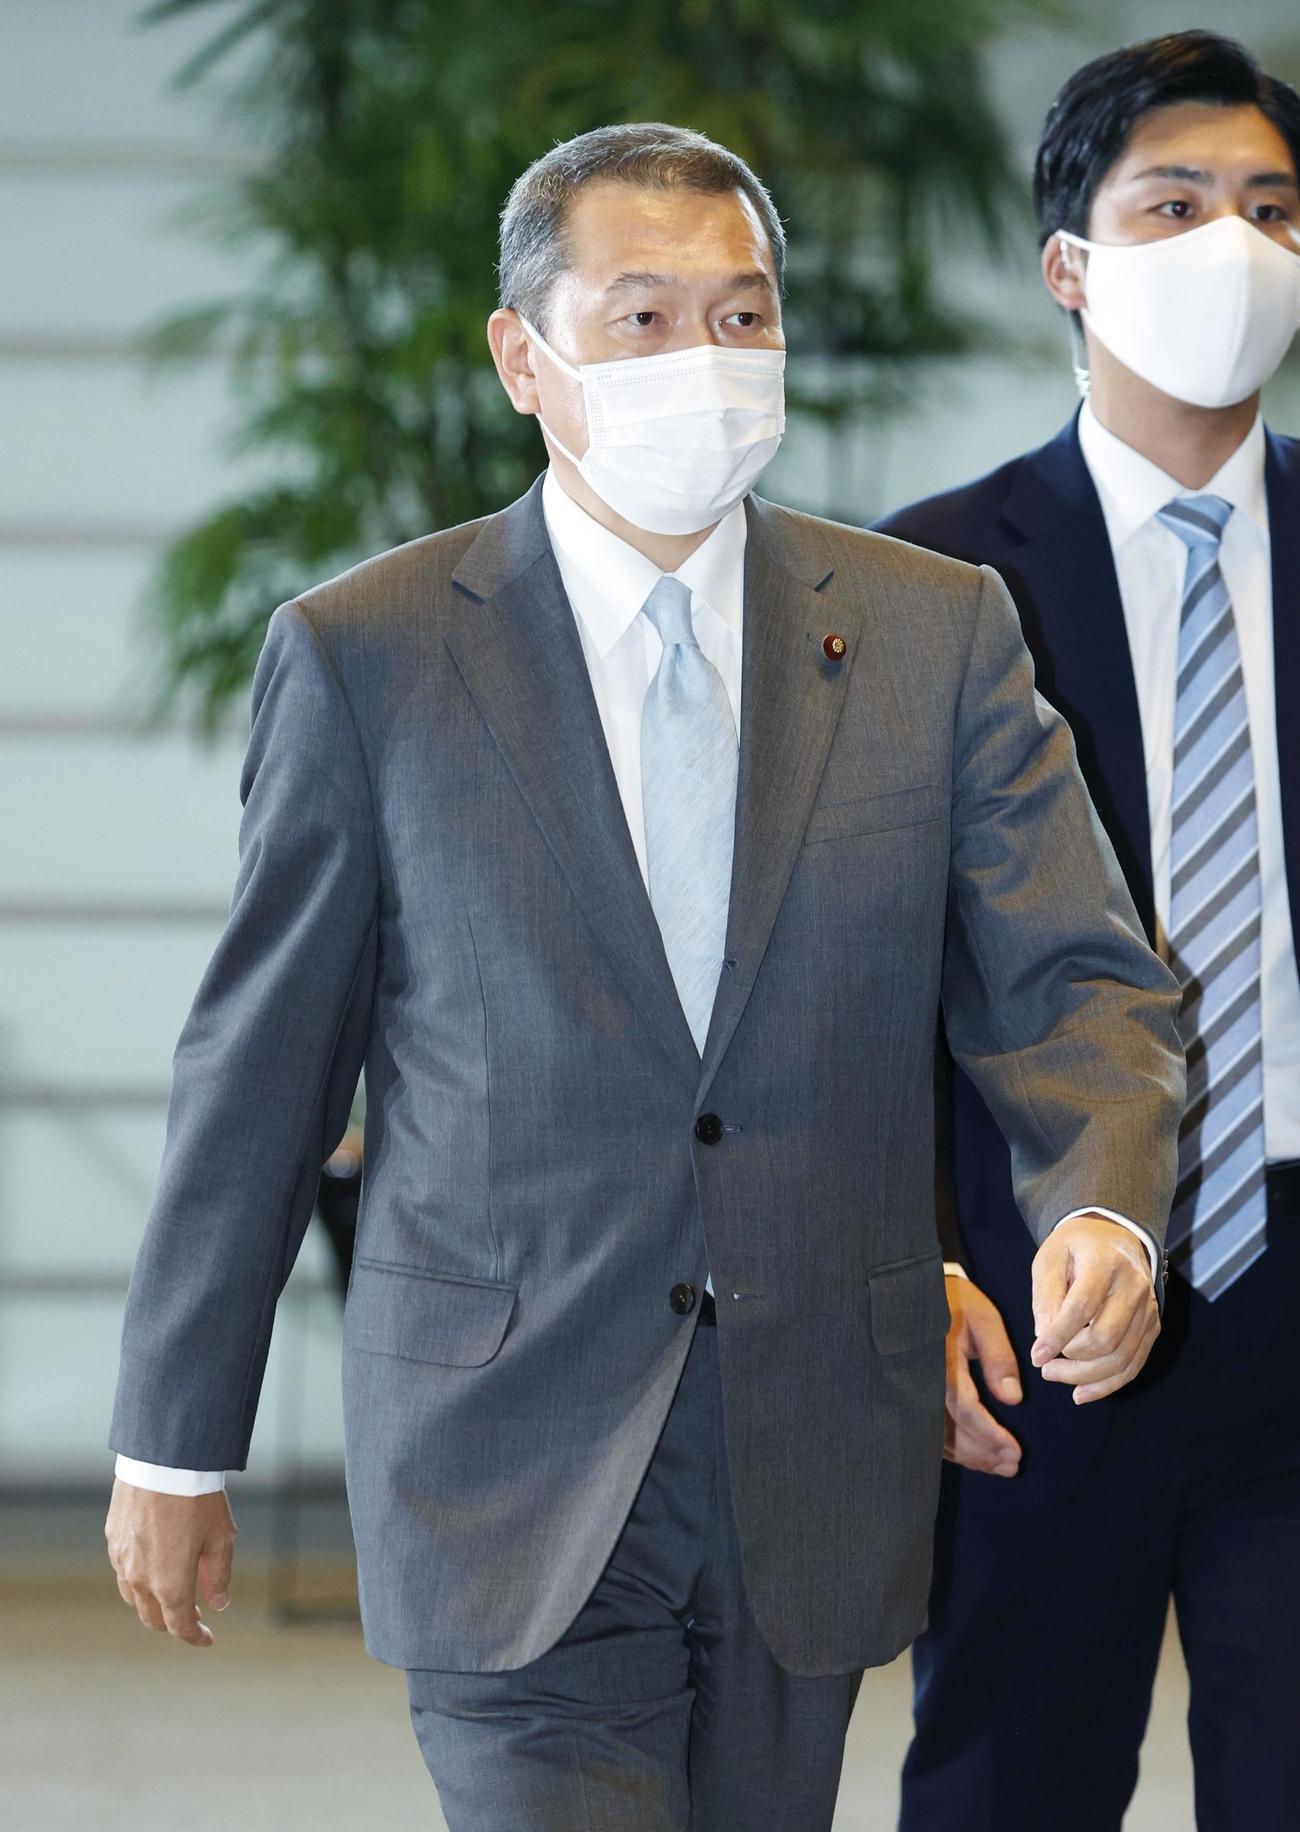 国家公安委員長に決まり、首相官邸に入る小此木八郎氏(共同)